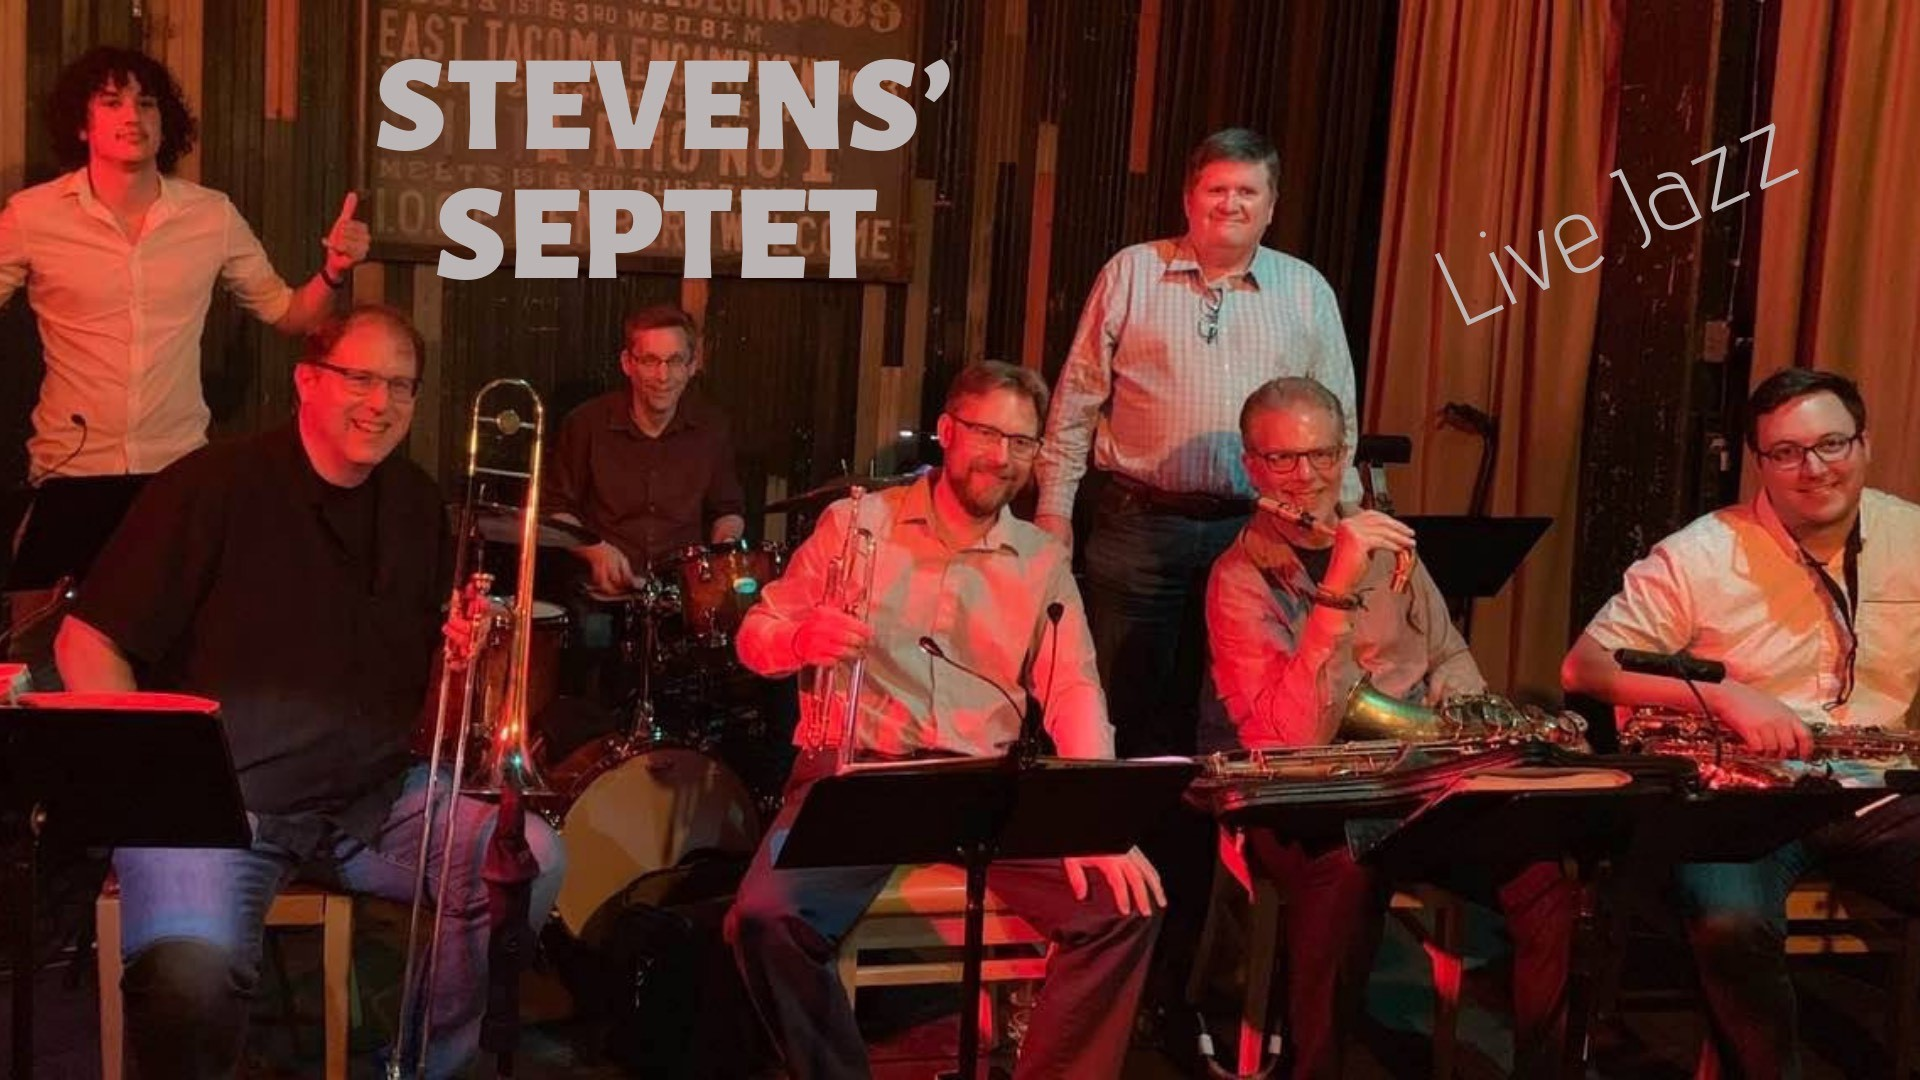 Steven's Septet